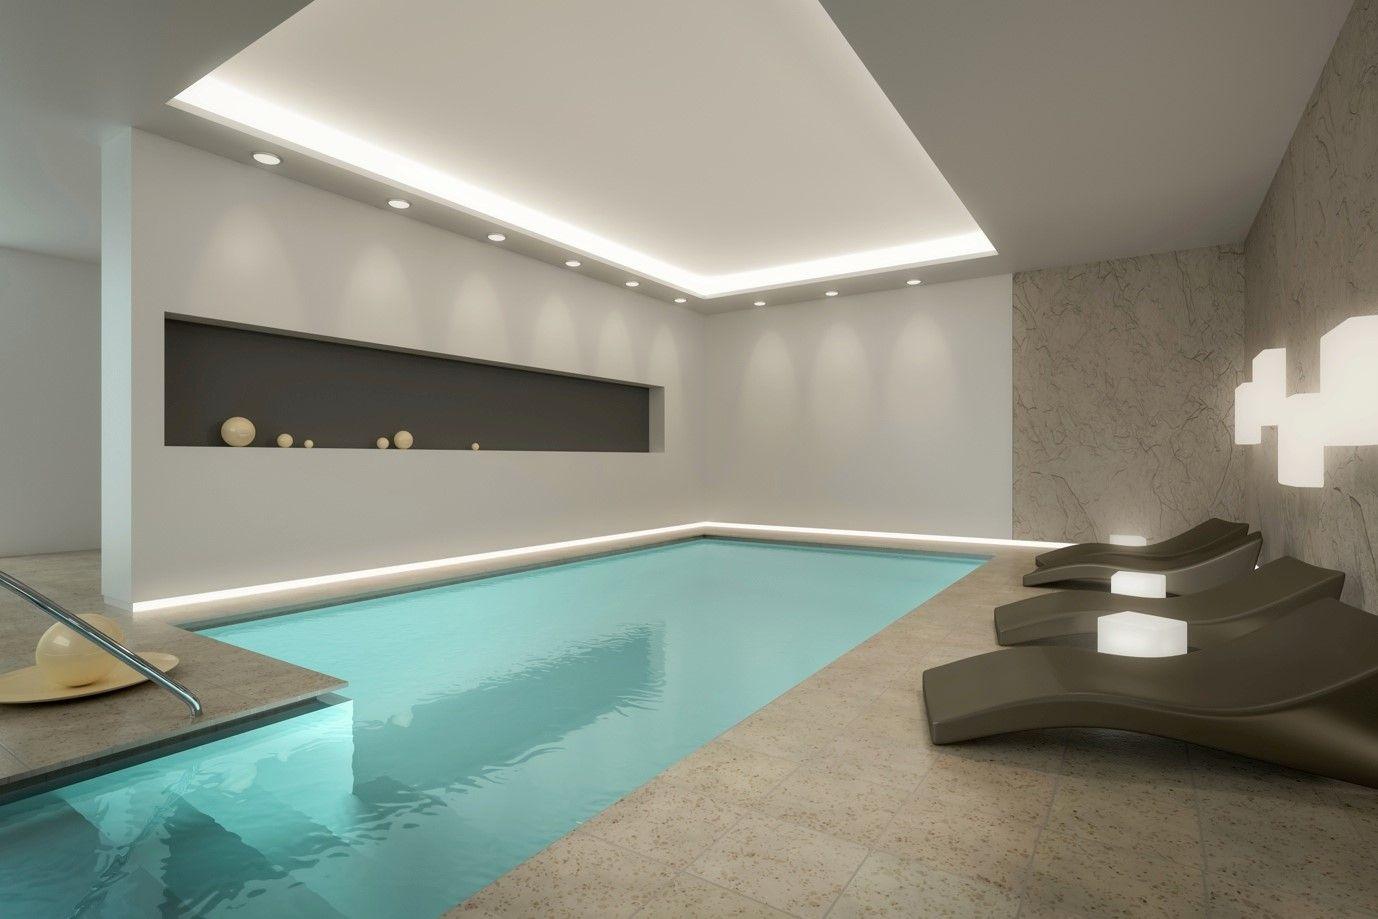 Google Image Result For Https Www Simplybasement Co Uk Wp Content Uploads 2016 02 Basement C In 2020 Indoor Pool Design Indoor Swimming Pool Design Small Indoor Pool